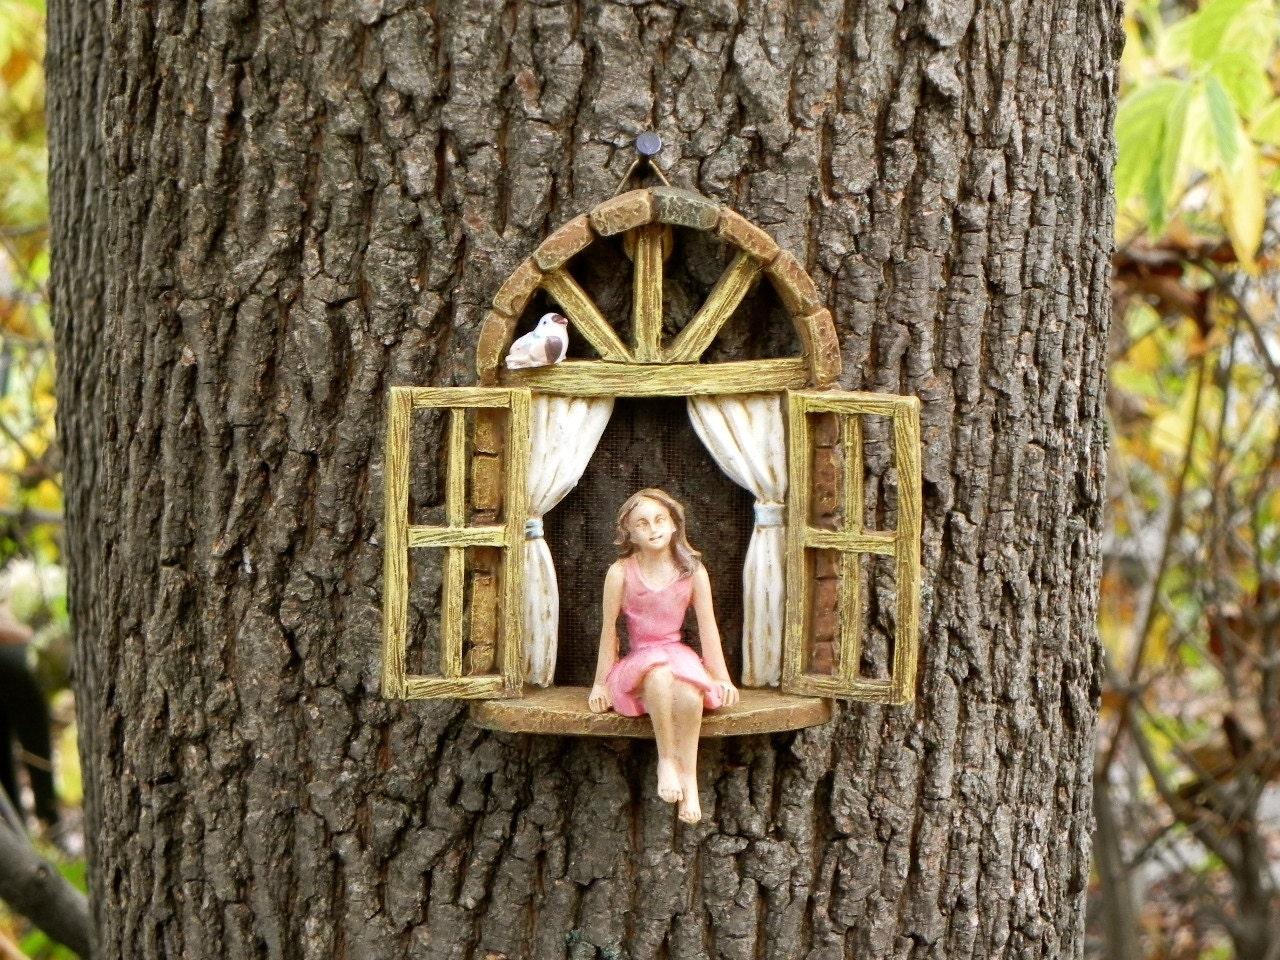 Miniatur-Garten-Mädchen keine Flügel Mini Garten Accessoire